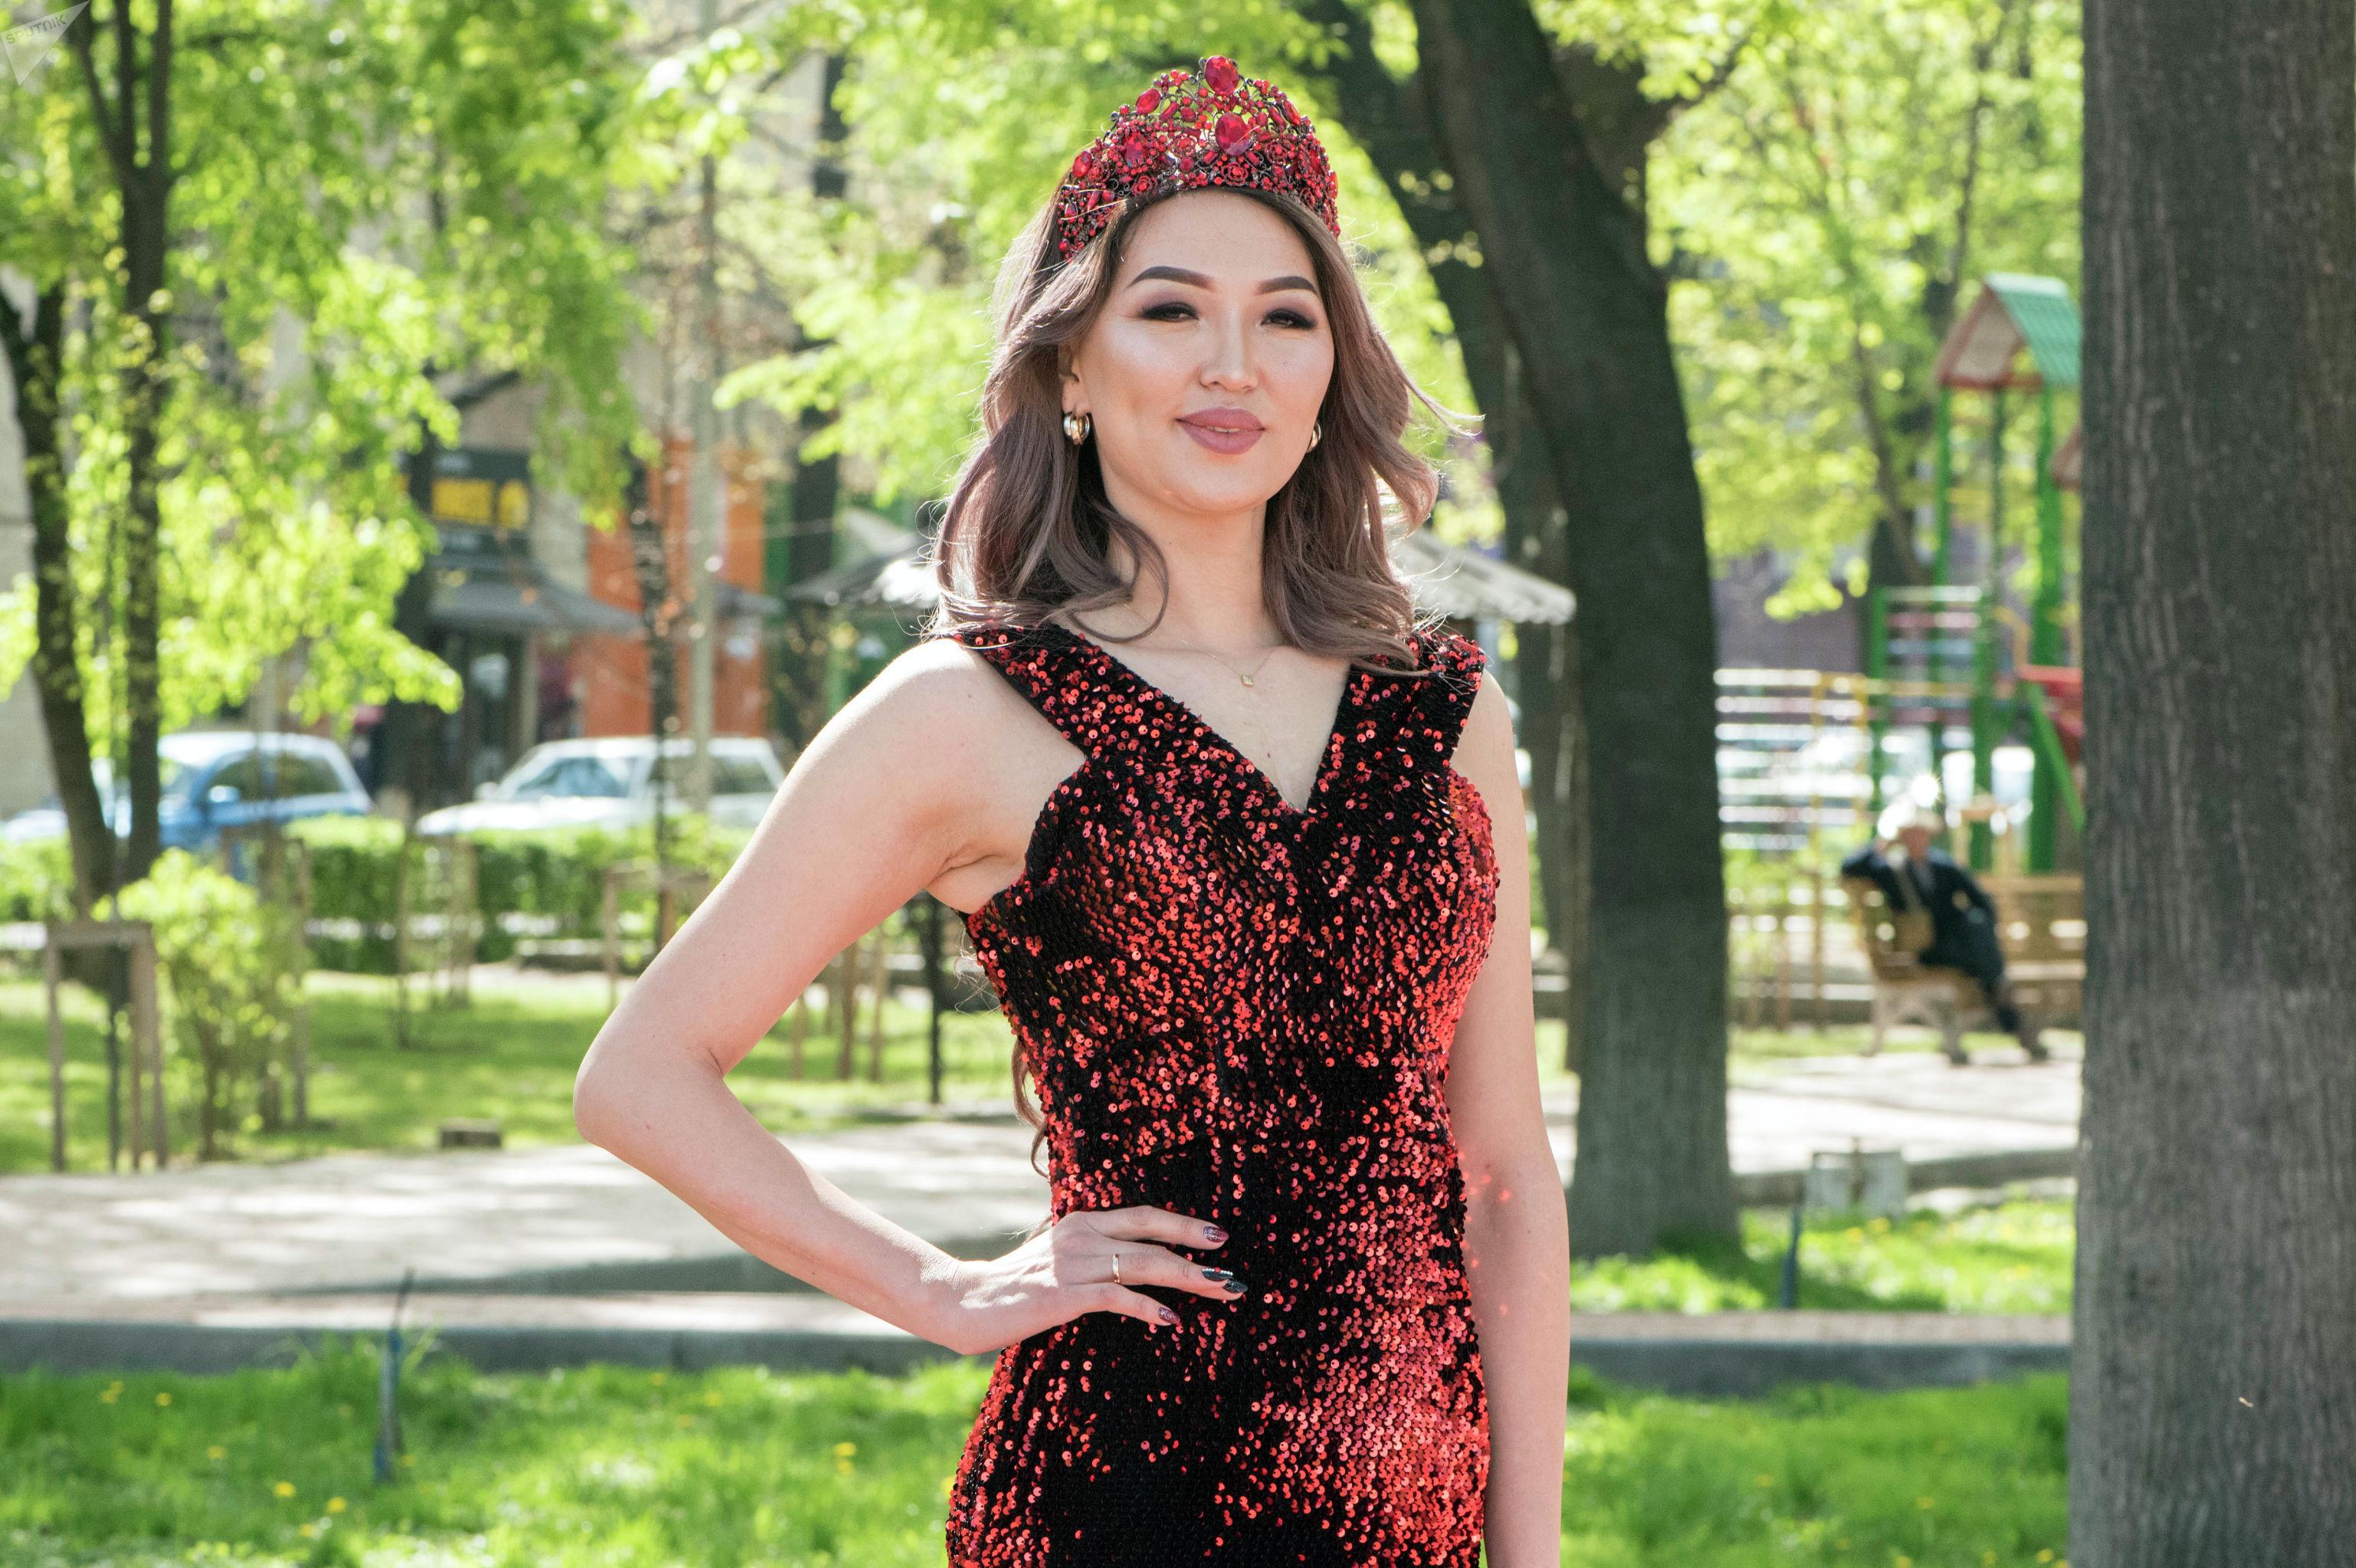 Победительница конкурса красоты Миссис Кыргызстан — 2019 Миргуль Бообекова во время фотосета